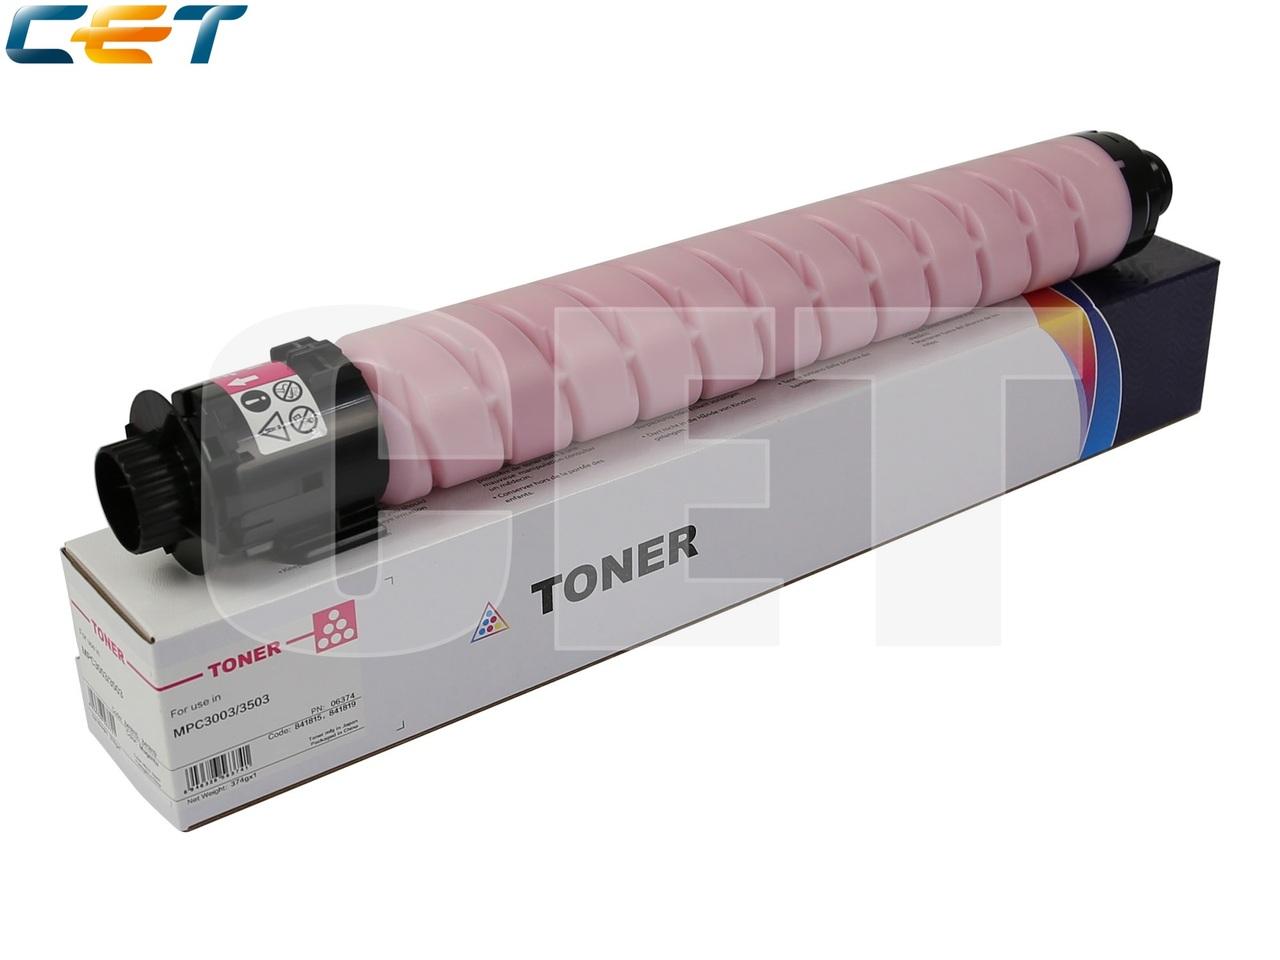 Тонер-картридж 841819 для RICOHMPC3003/MPC3503/MPC3004/MPC3504 (CET) Magenta, 374г,18000 стр., CET6374